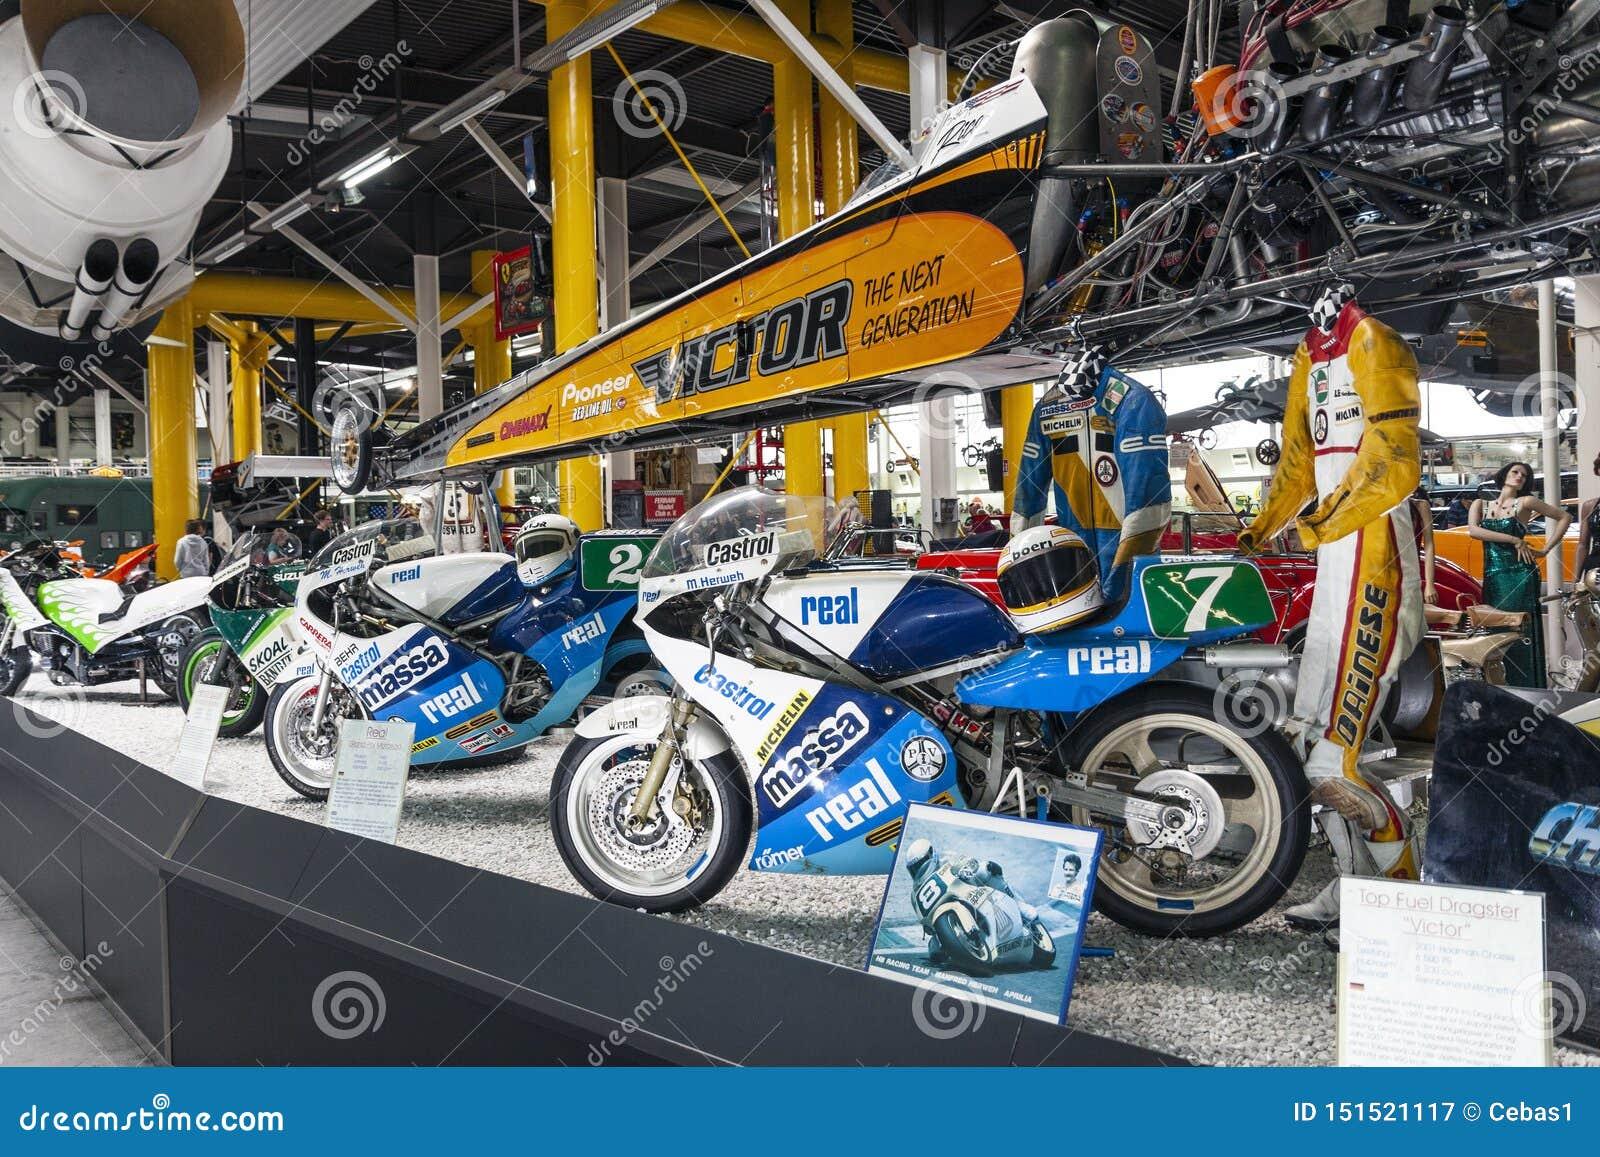 Συναγωνιμένος μοτοσικλέτες και αθλητικός εξοπλισμός στην επίδειξη στο αυτοκίνητο μουσείο